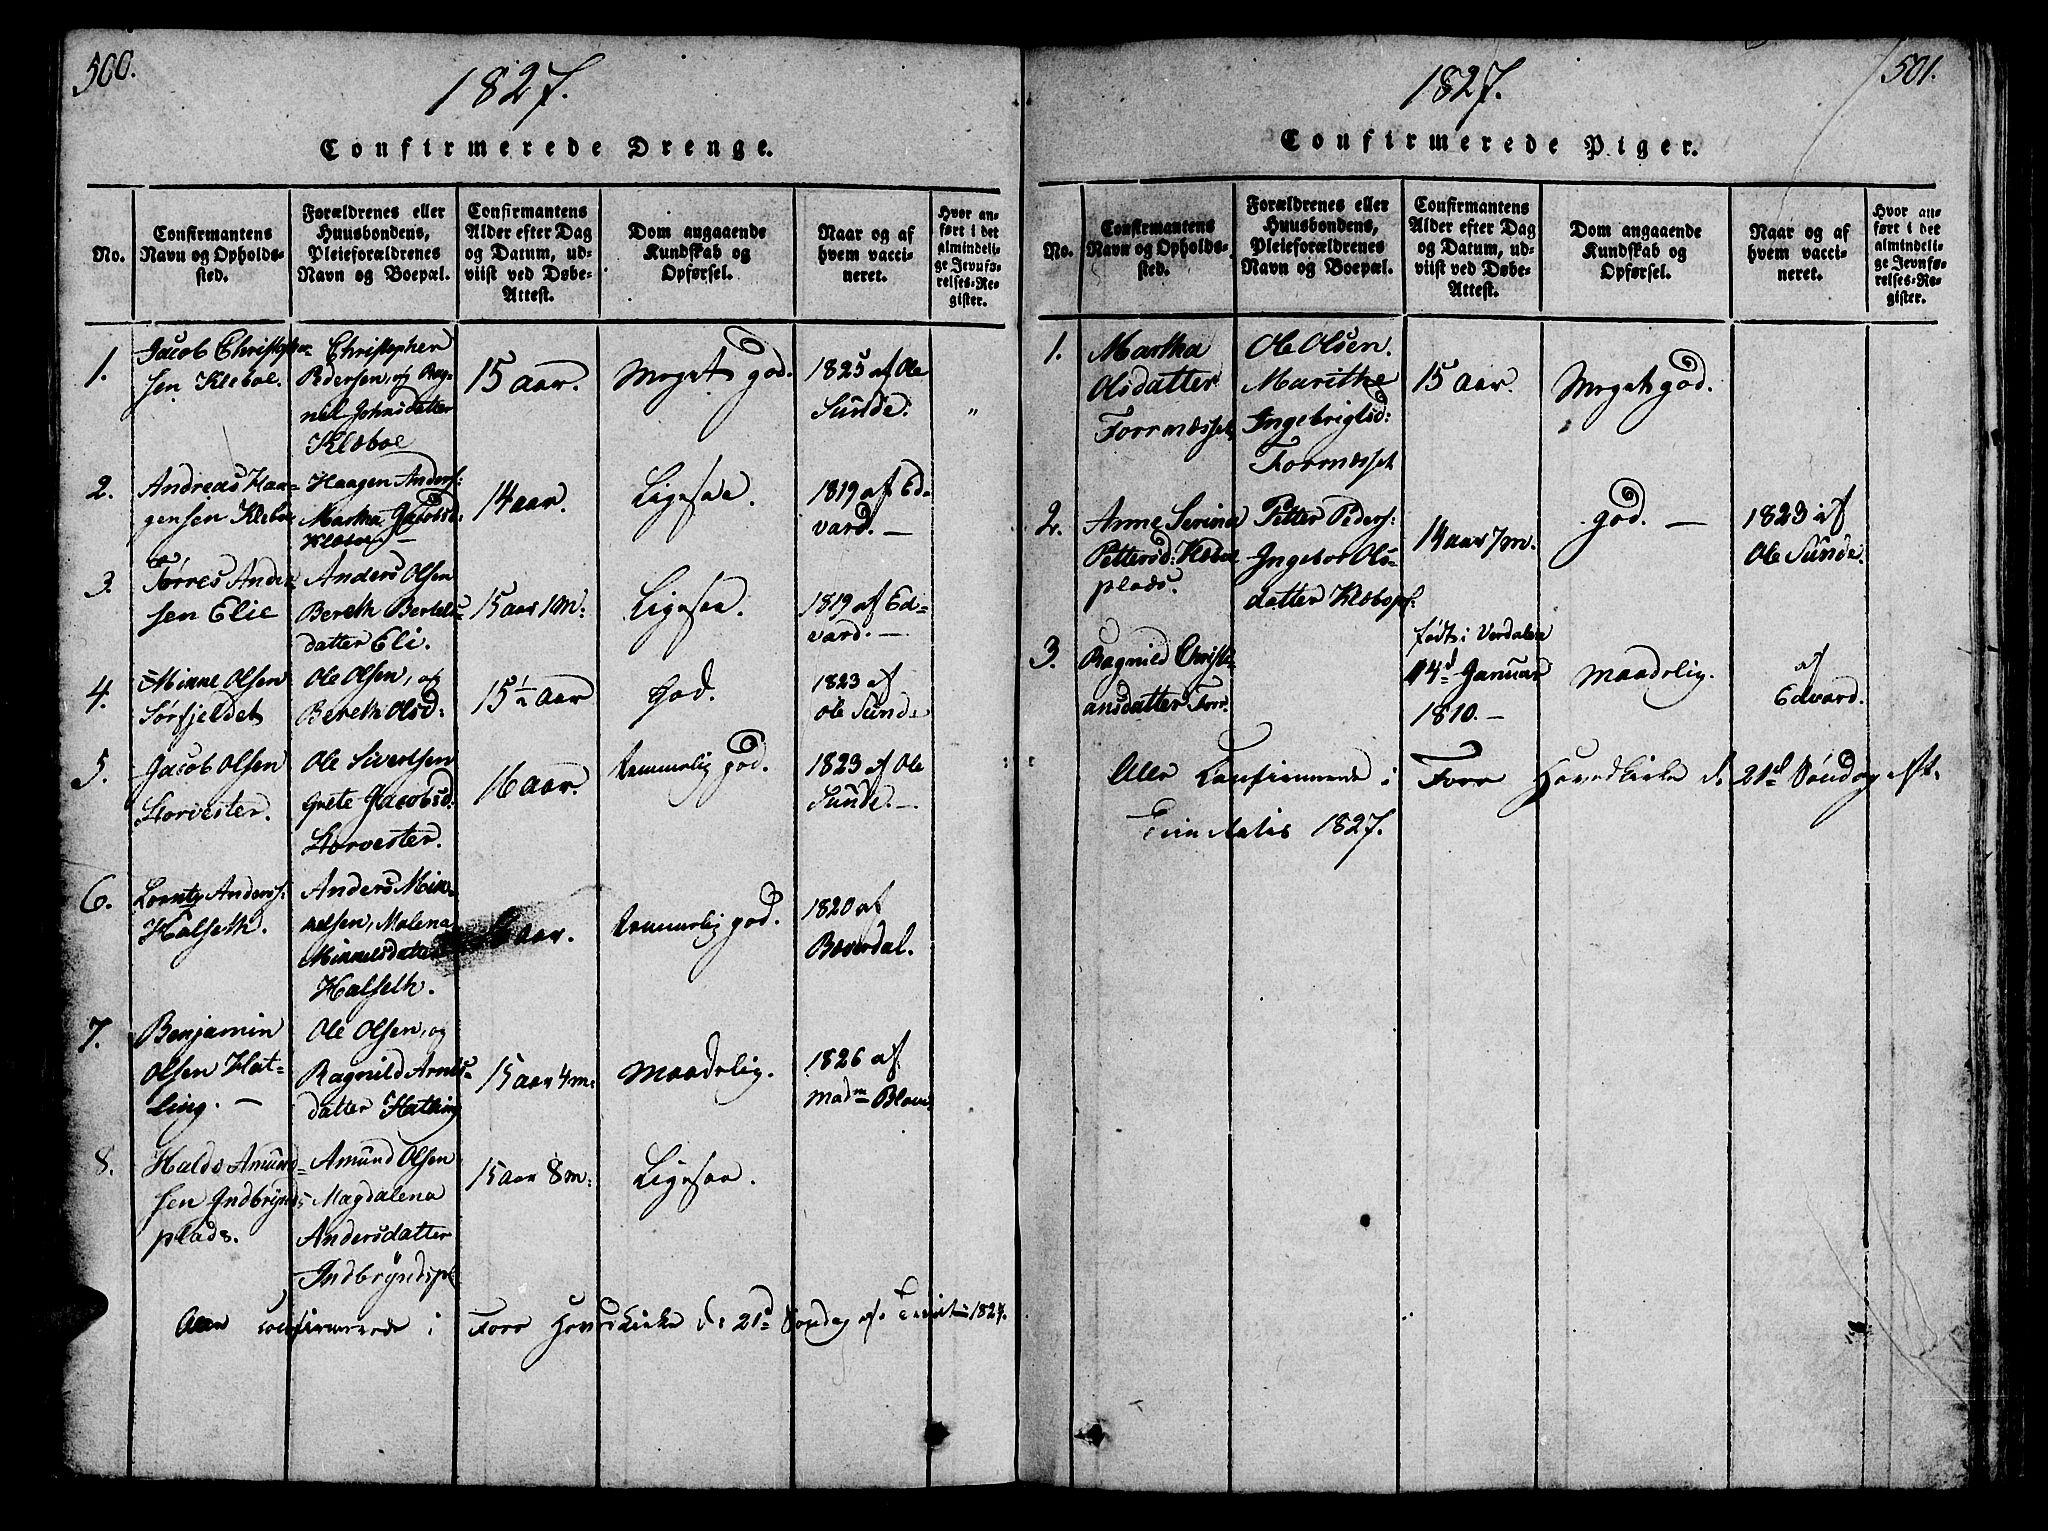 SAT, Ministerialprotokoller, klokkerbøker og fødselsregistre - Nord-Trøndelag, 746/L0441: Ministerialbok nr. 746A03 /1, 1816-1827, s. 500-501